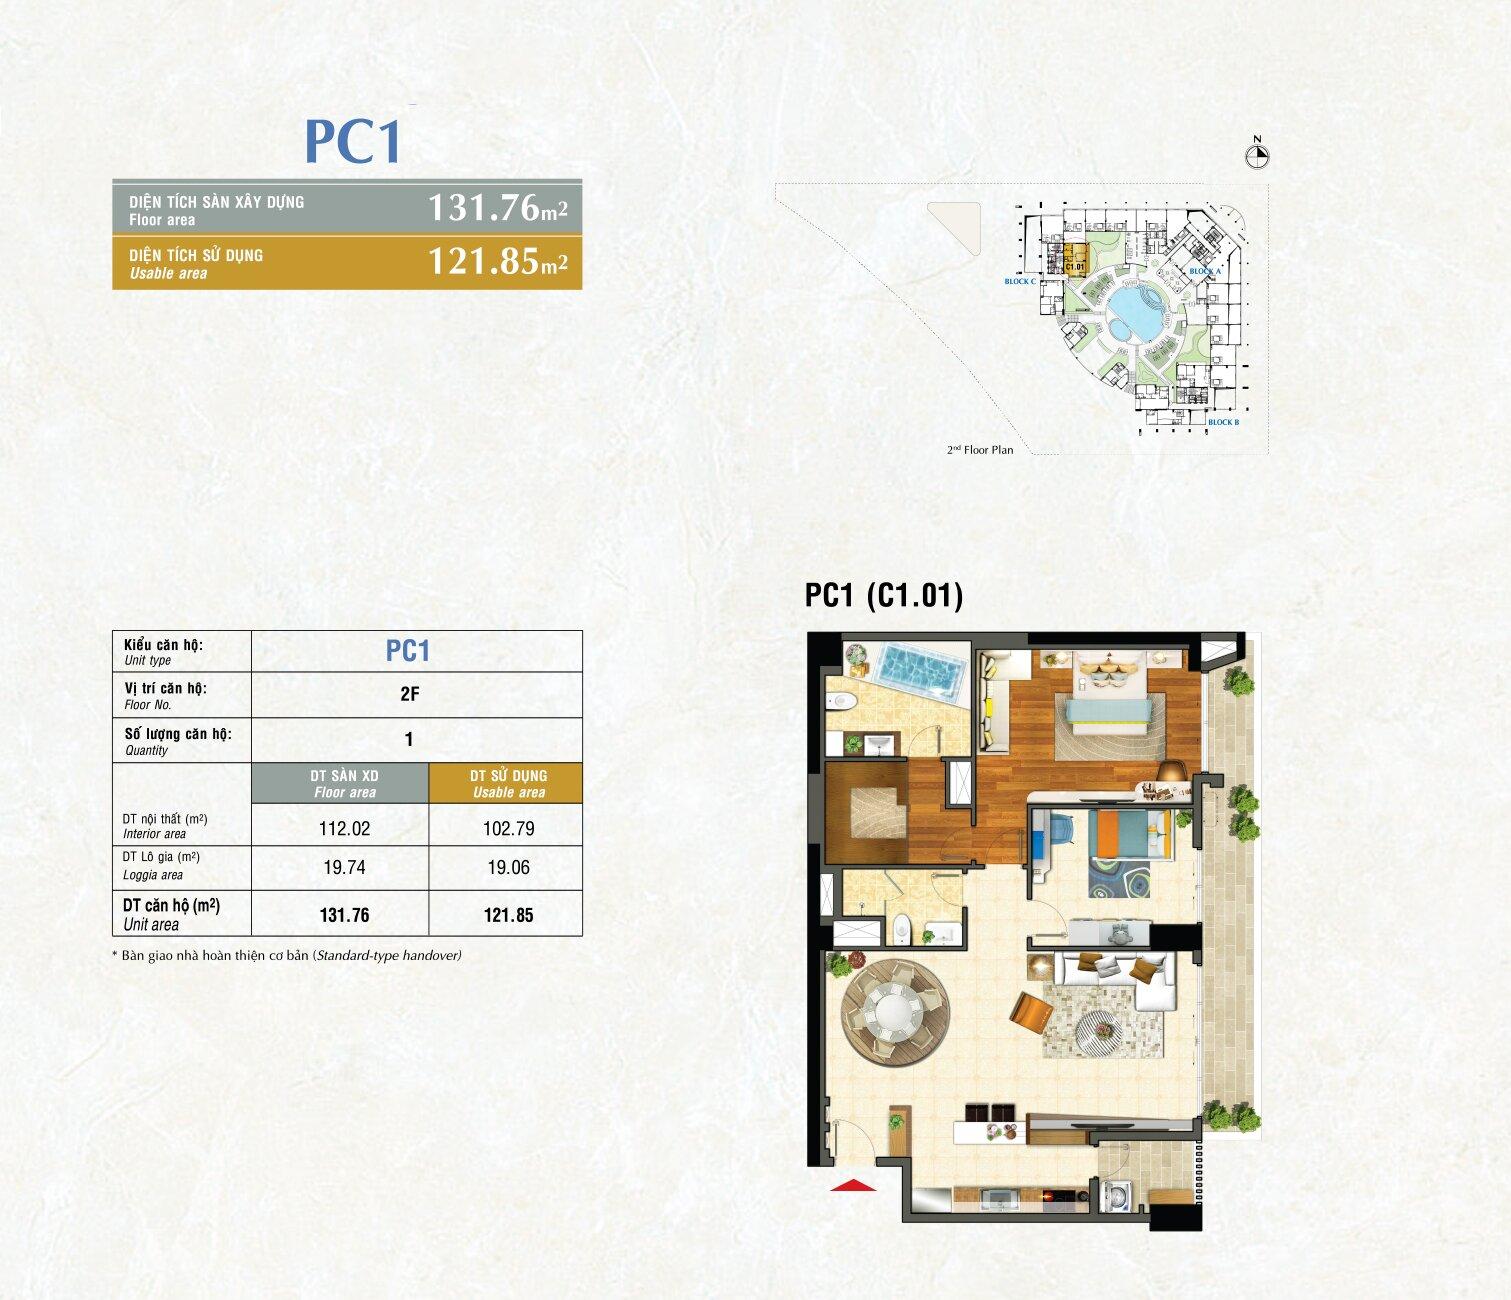 Type PC1